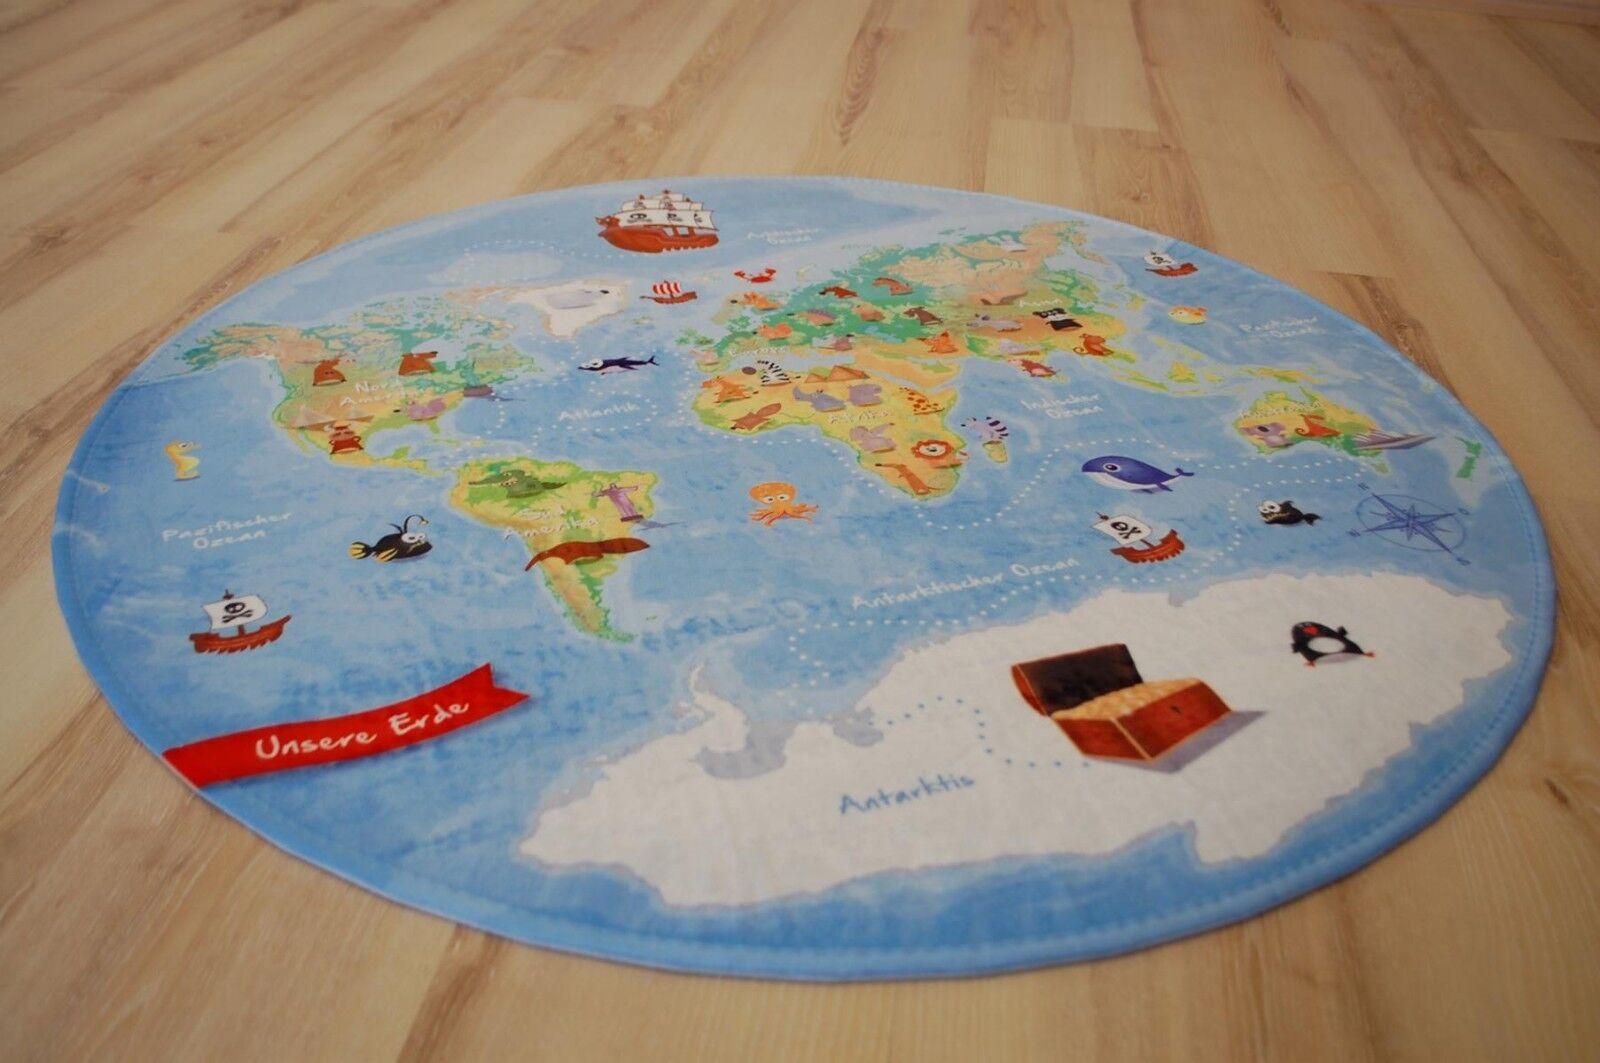 Enfants Tapis de Jeu Carte Du Monde 130 cm Rond Lk-413 Monde Notre Terre Neuf